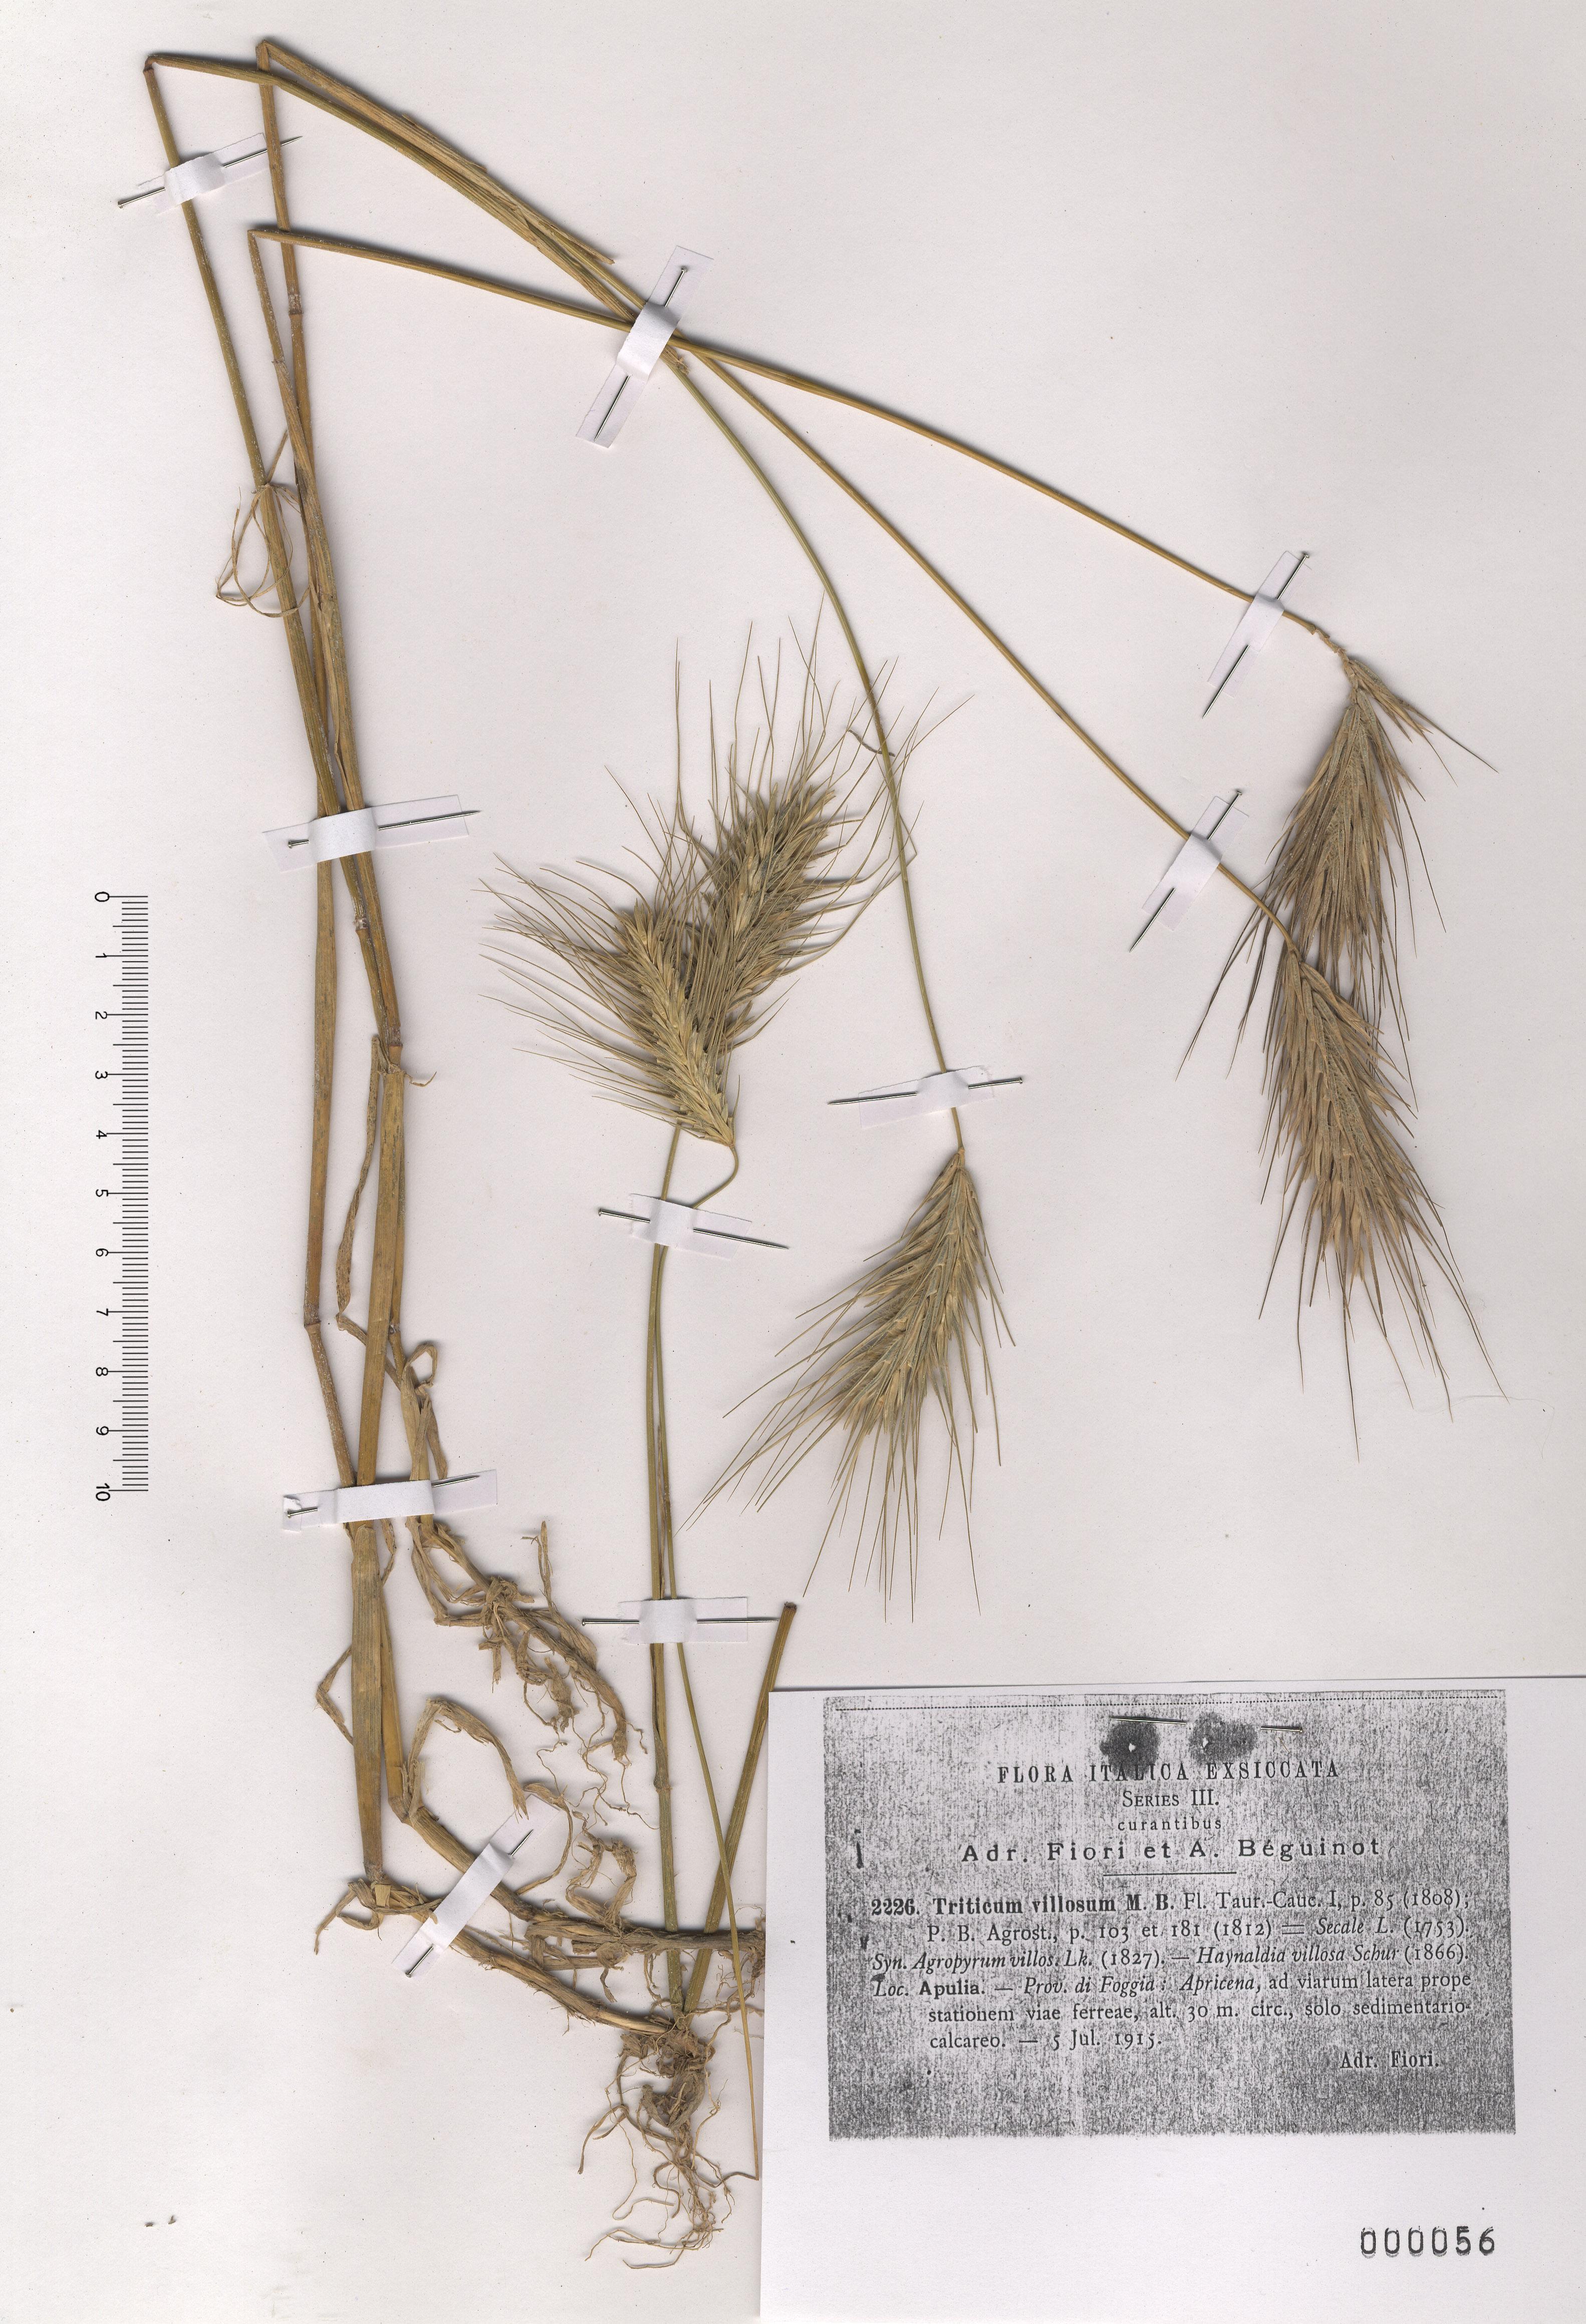 © Hortus Botanicus Catinensis - Herb. sheet 0000056<br>